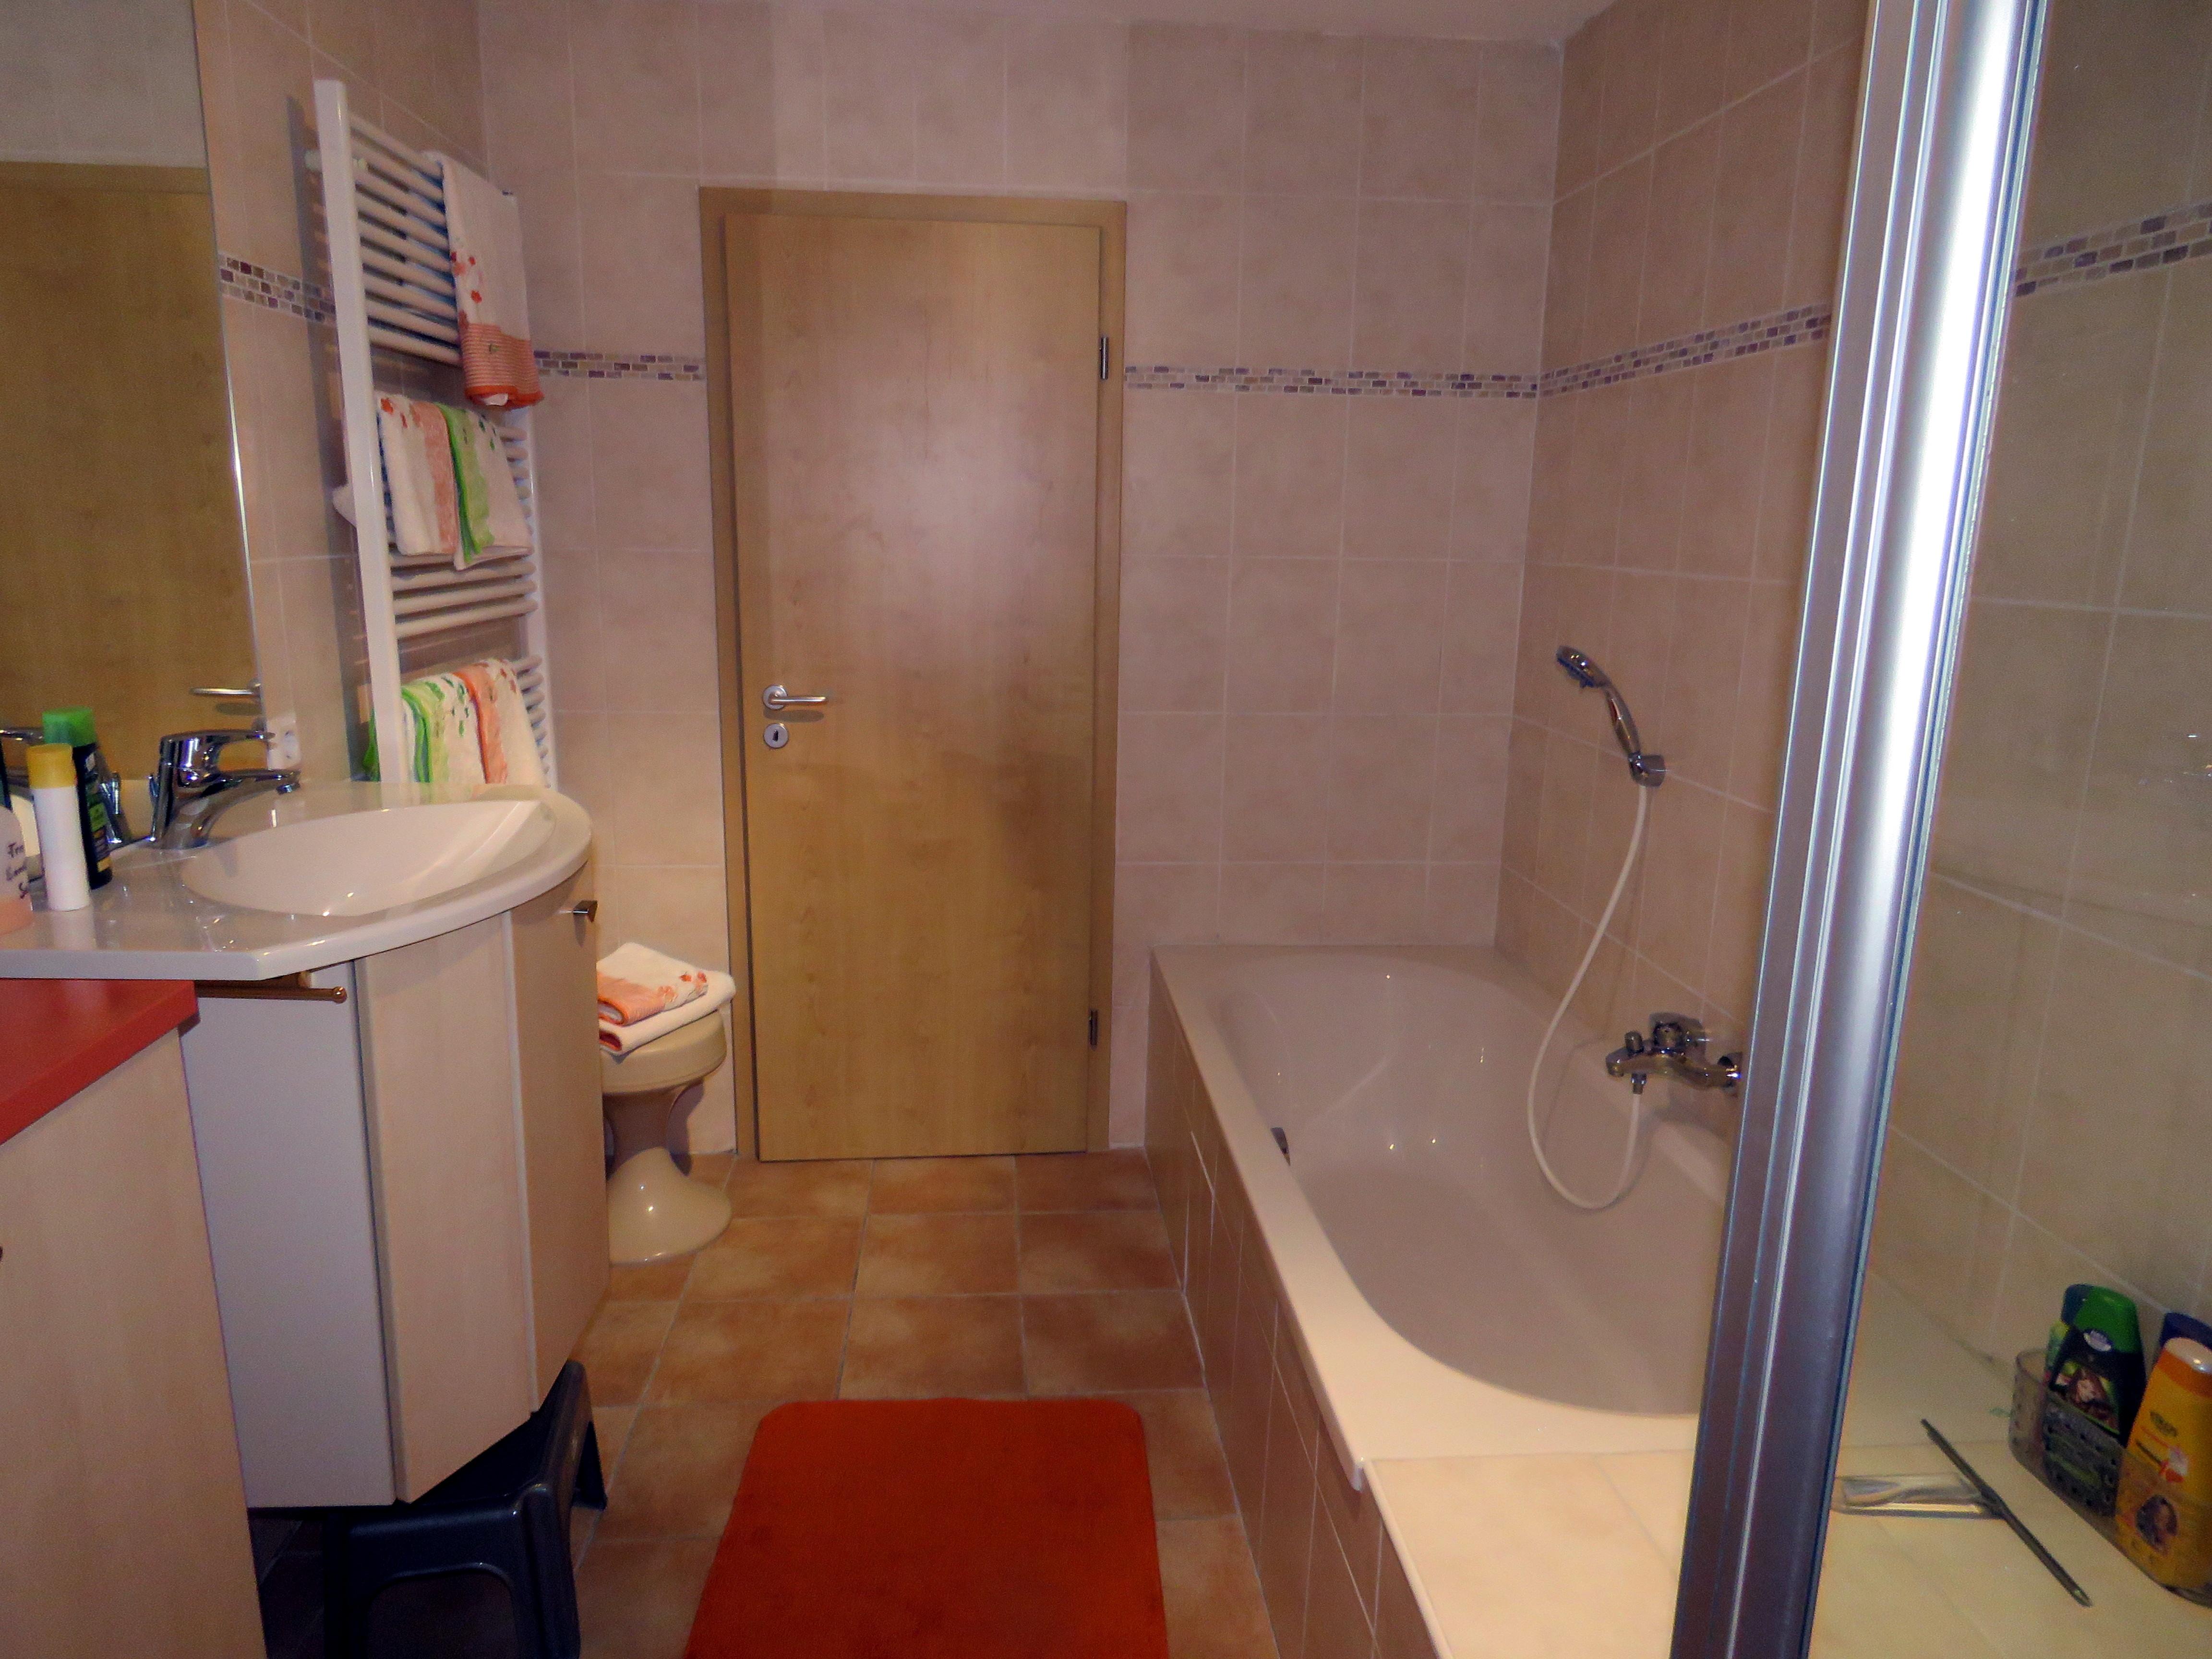 badezimmer und separater g ste wc ferienwohnungen haus waldzauber oder ursus. Black Bedroom Furniture Sets. Home Design Ideas